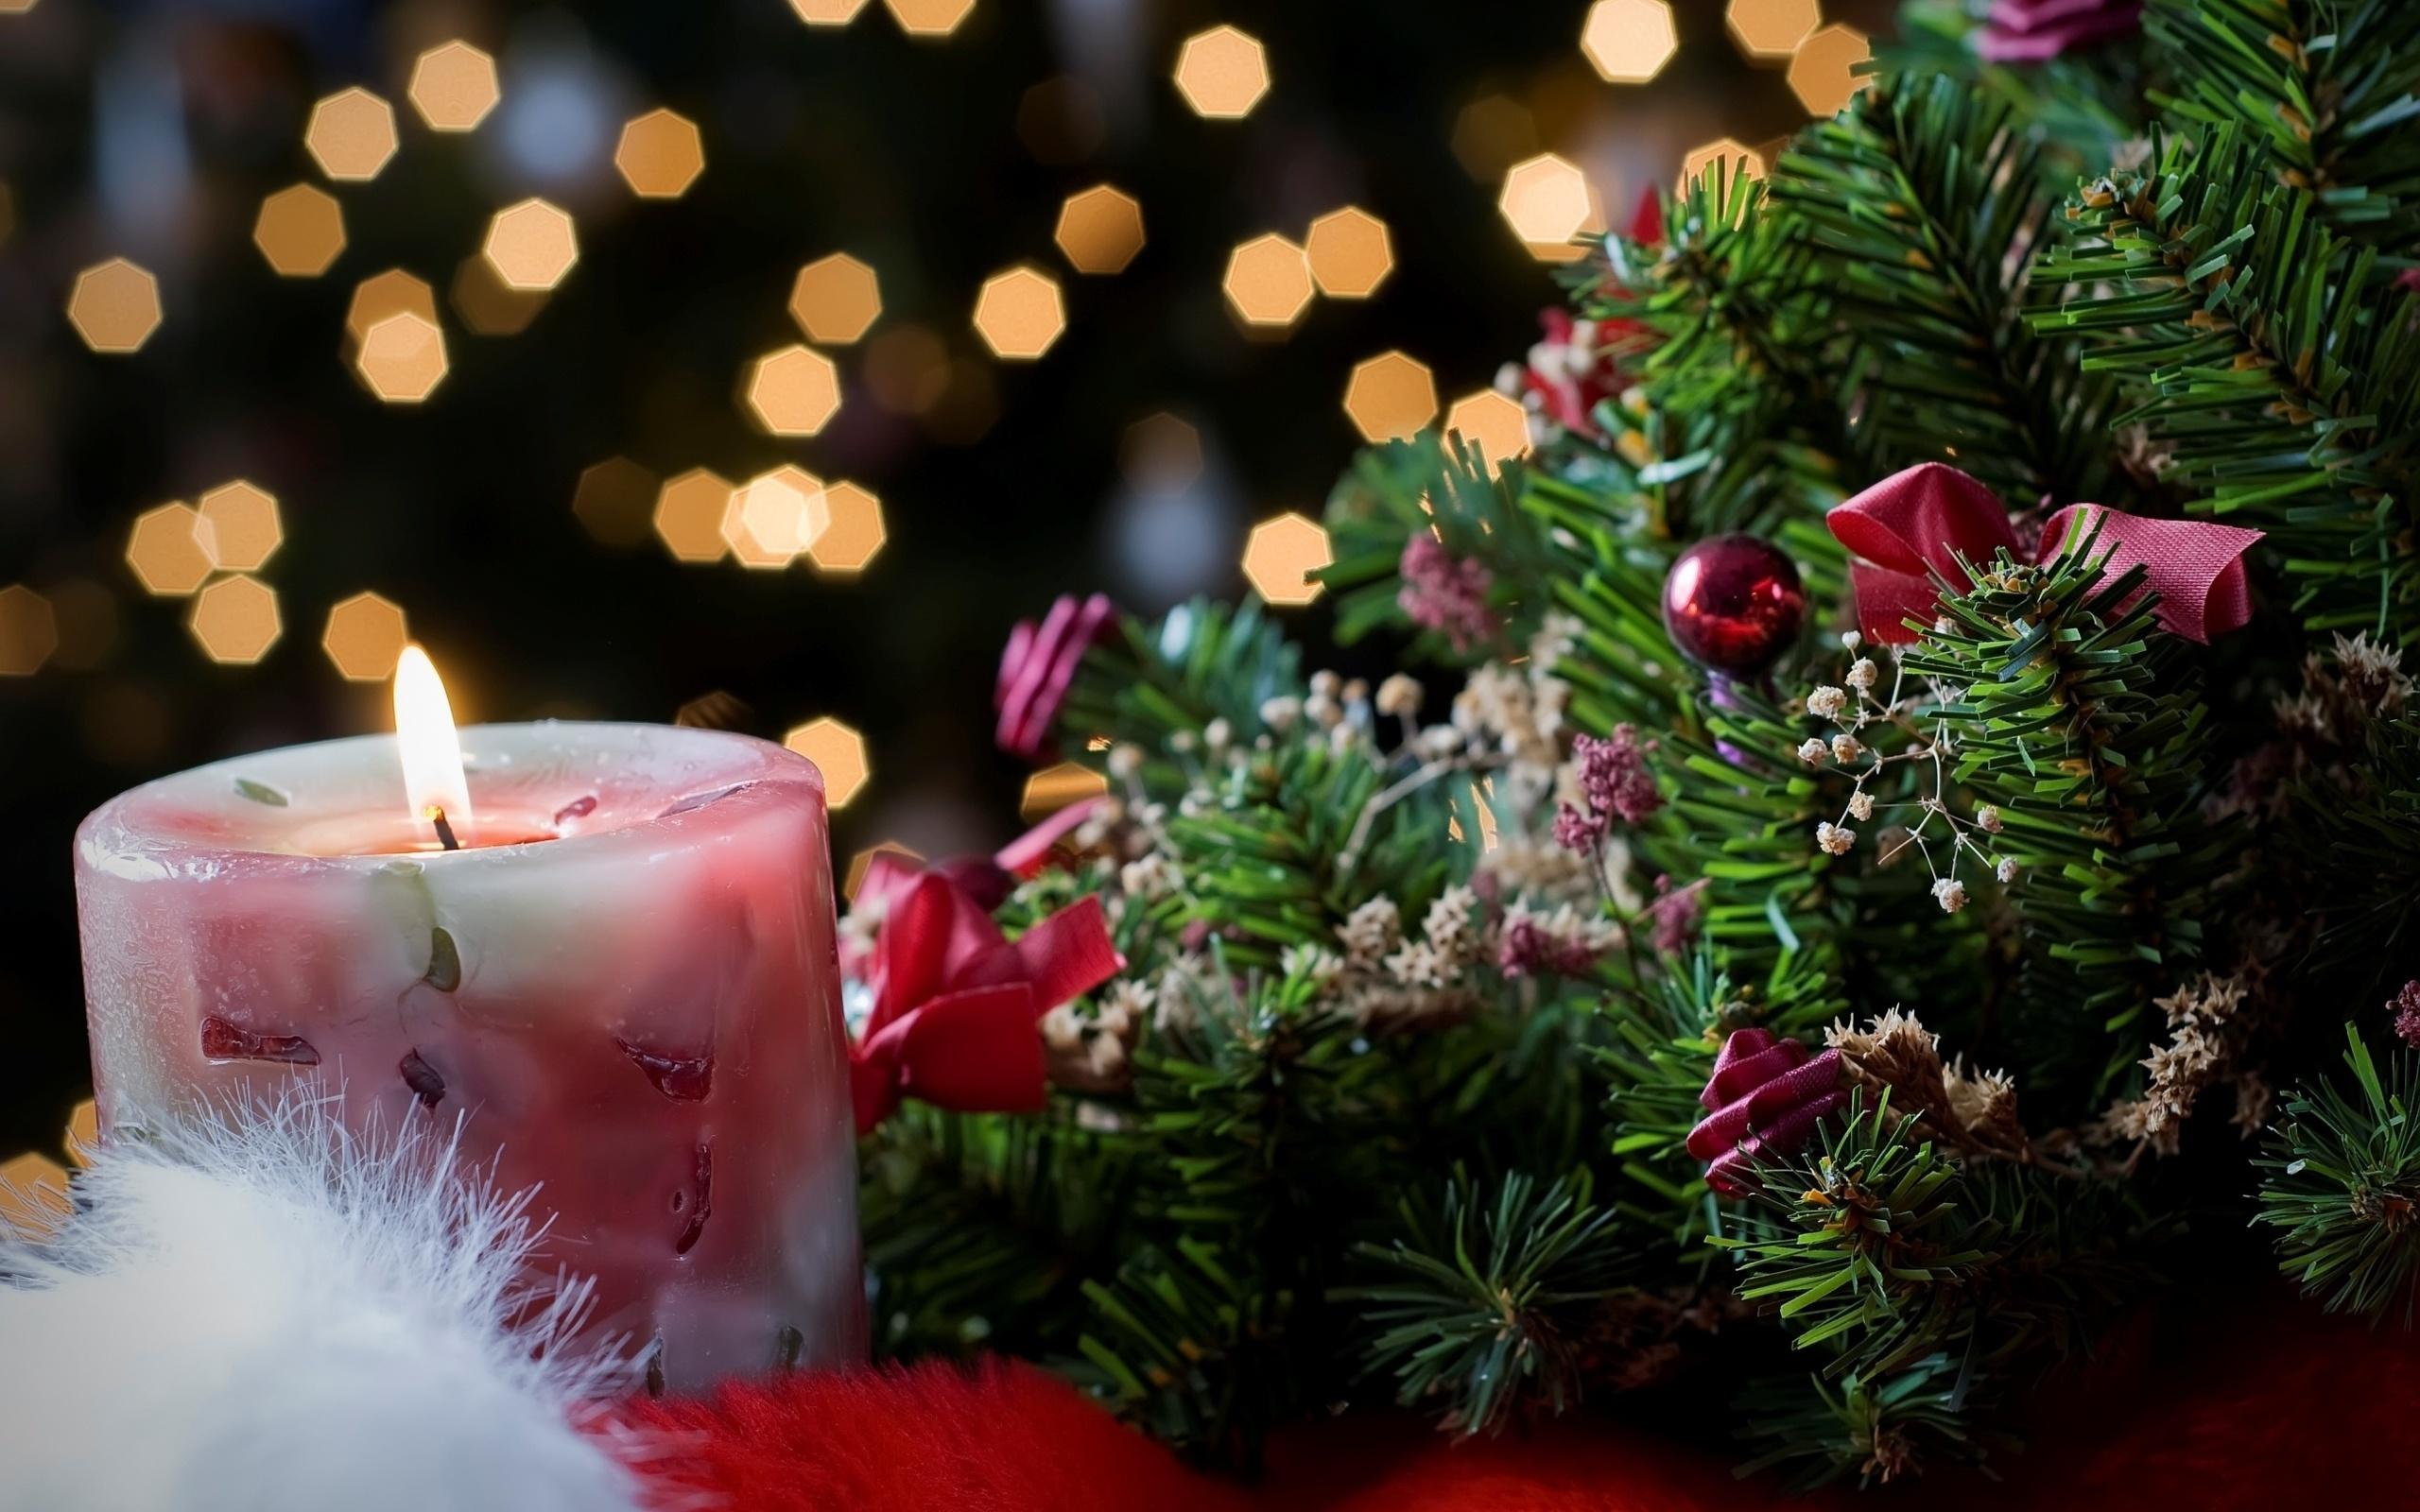 Открыто раннее бронирование на новогодние каникулы 2022